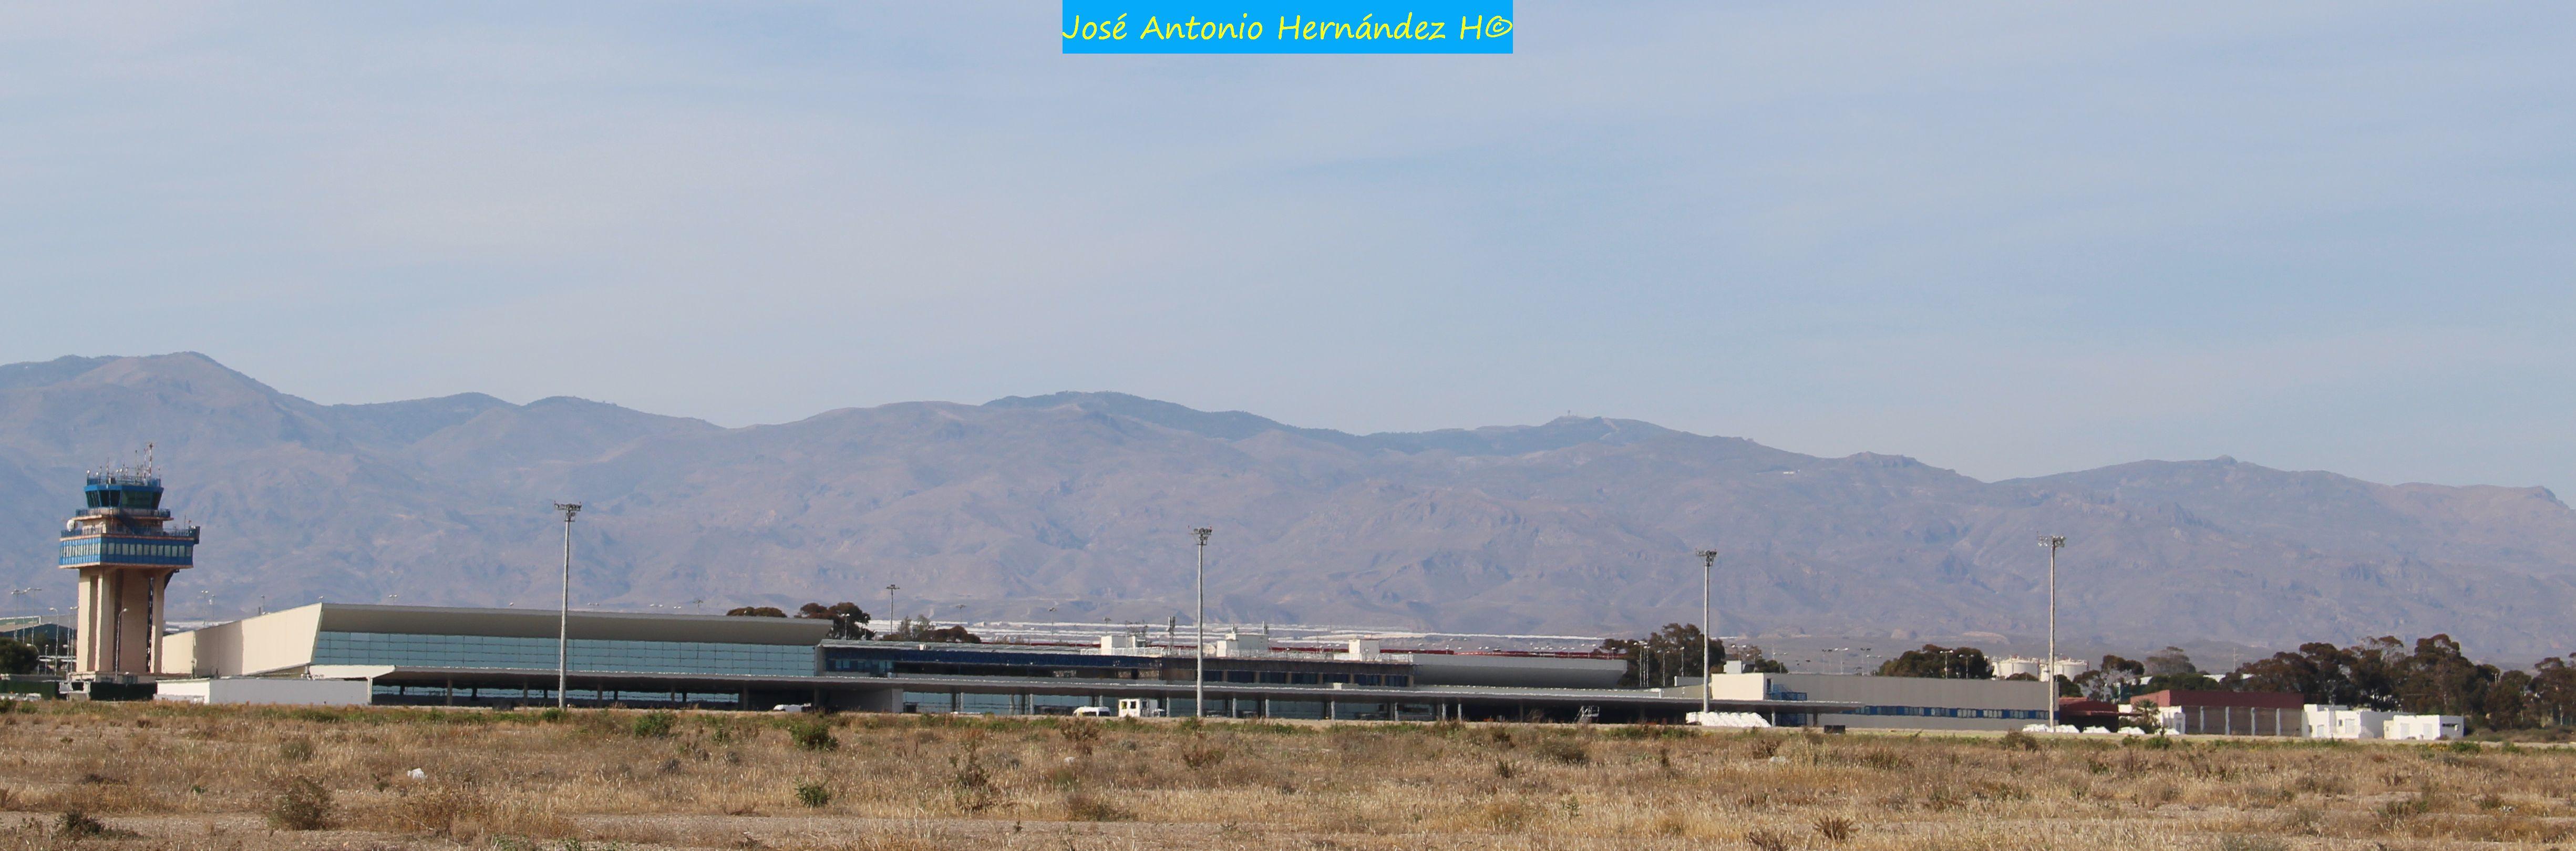 Fotografía de José Antonio Hernández